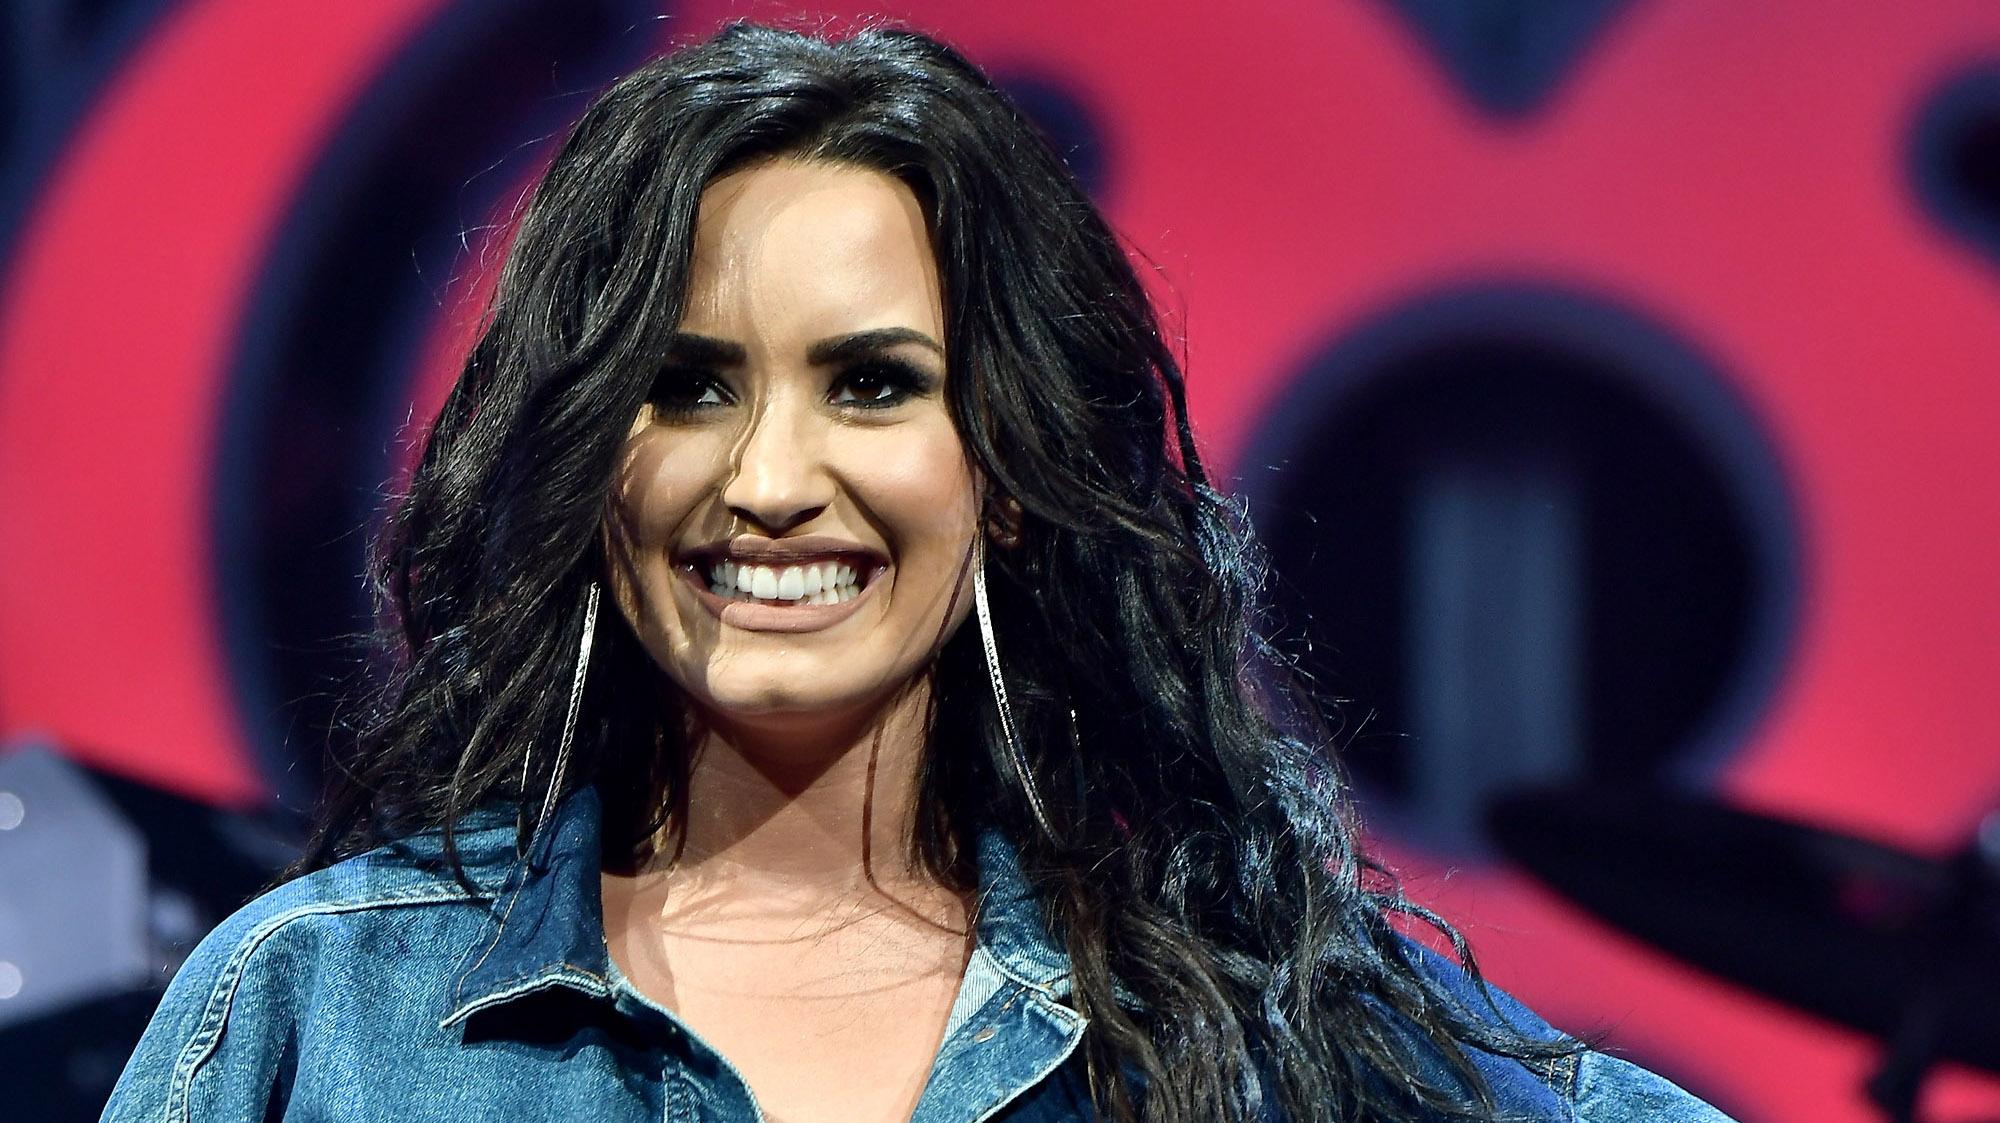 Demi Lovato, Smiling